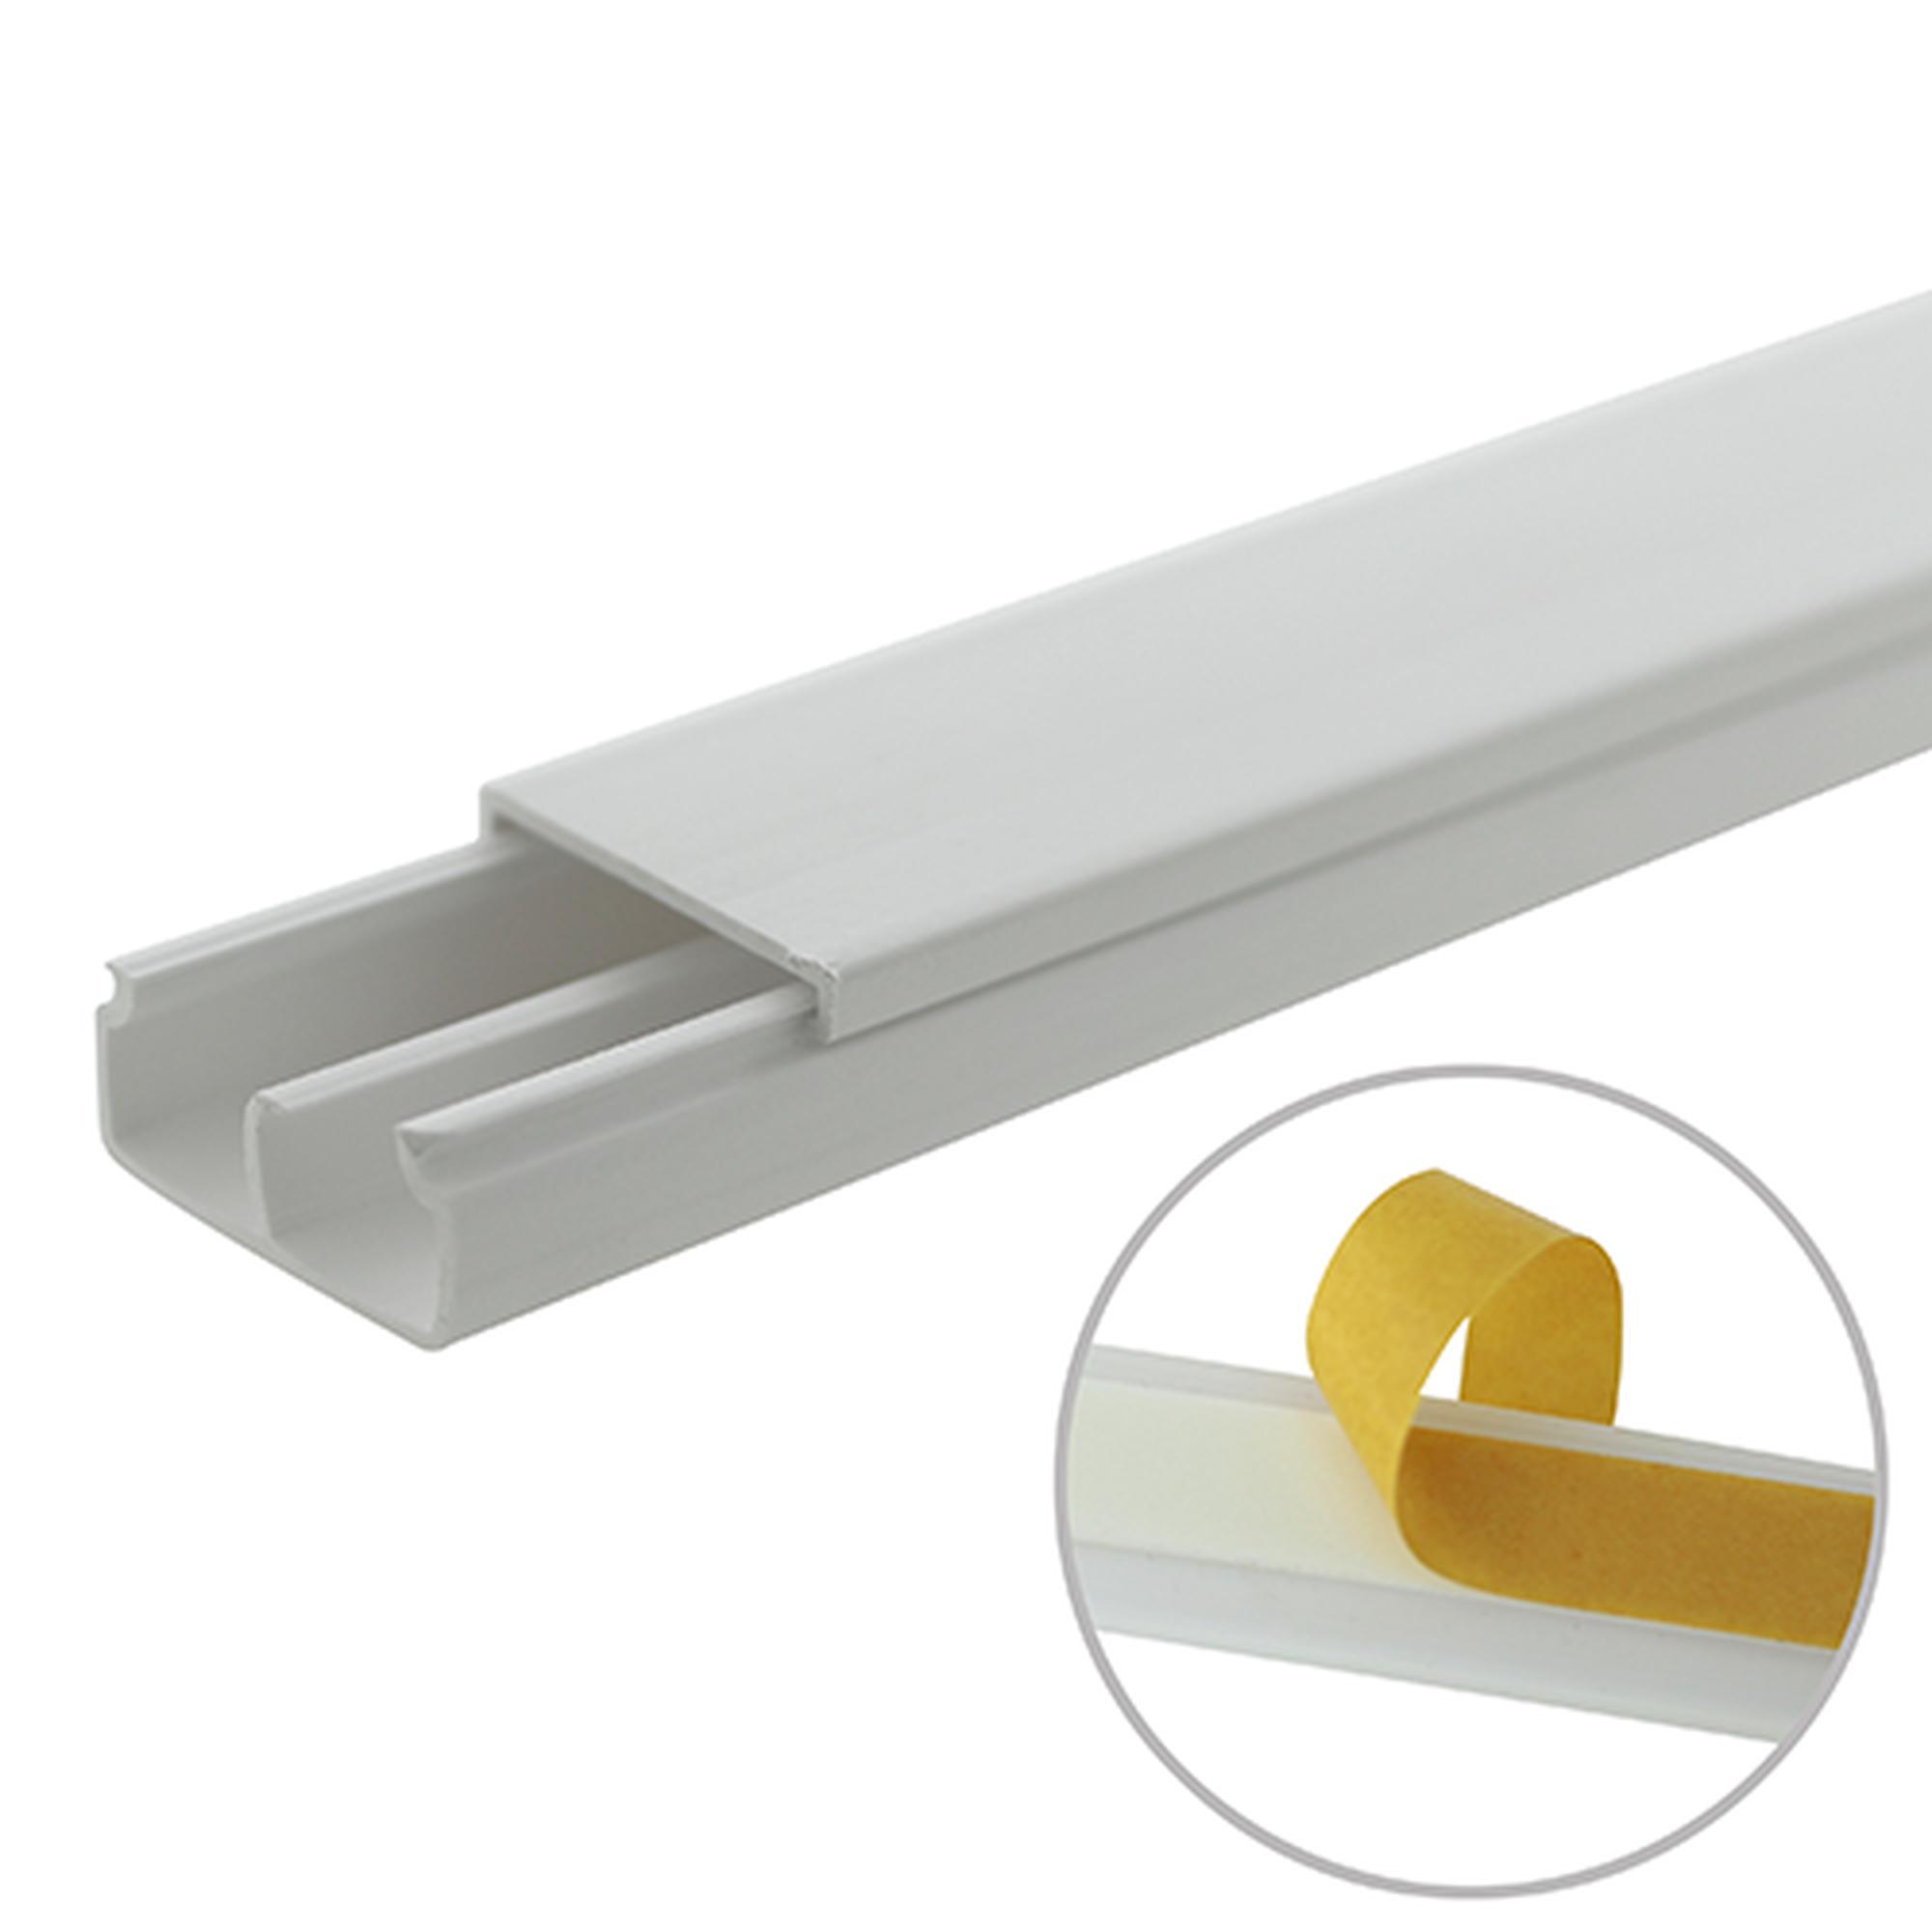 Canaleta blanca de PVC auto extinguible, con división, 20 x 10 mm, tramo 6 pies, con cinta adhesiva (5101-21252)